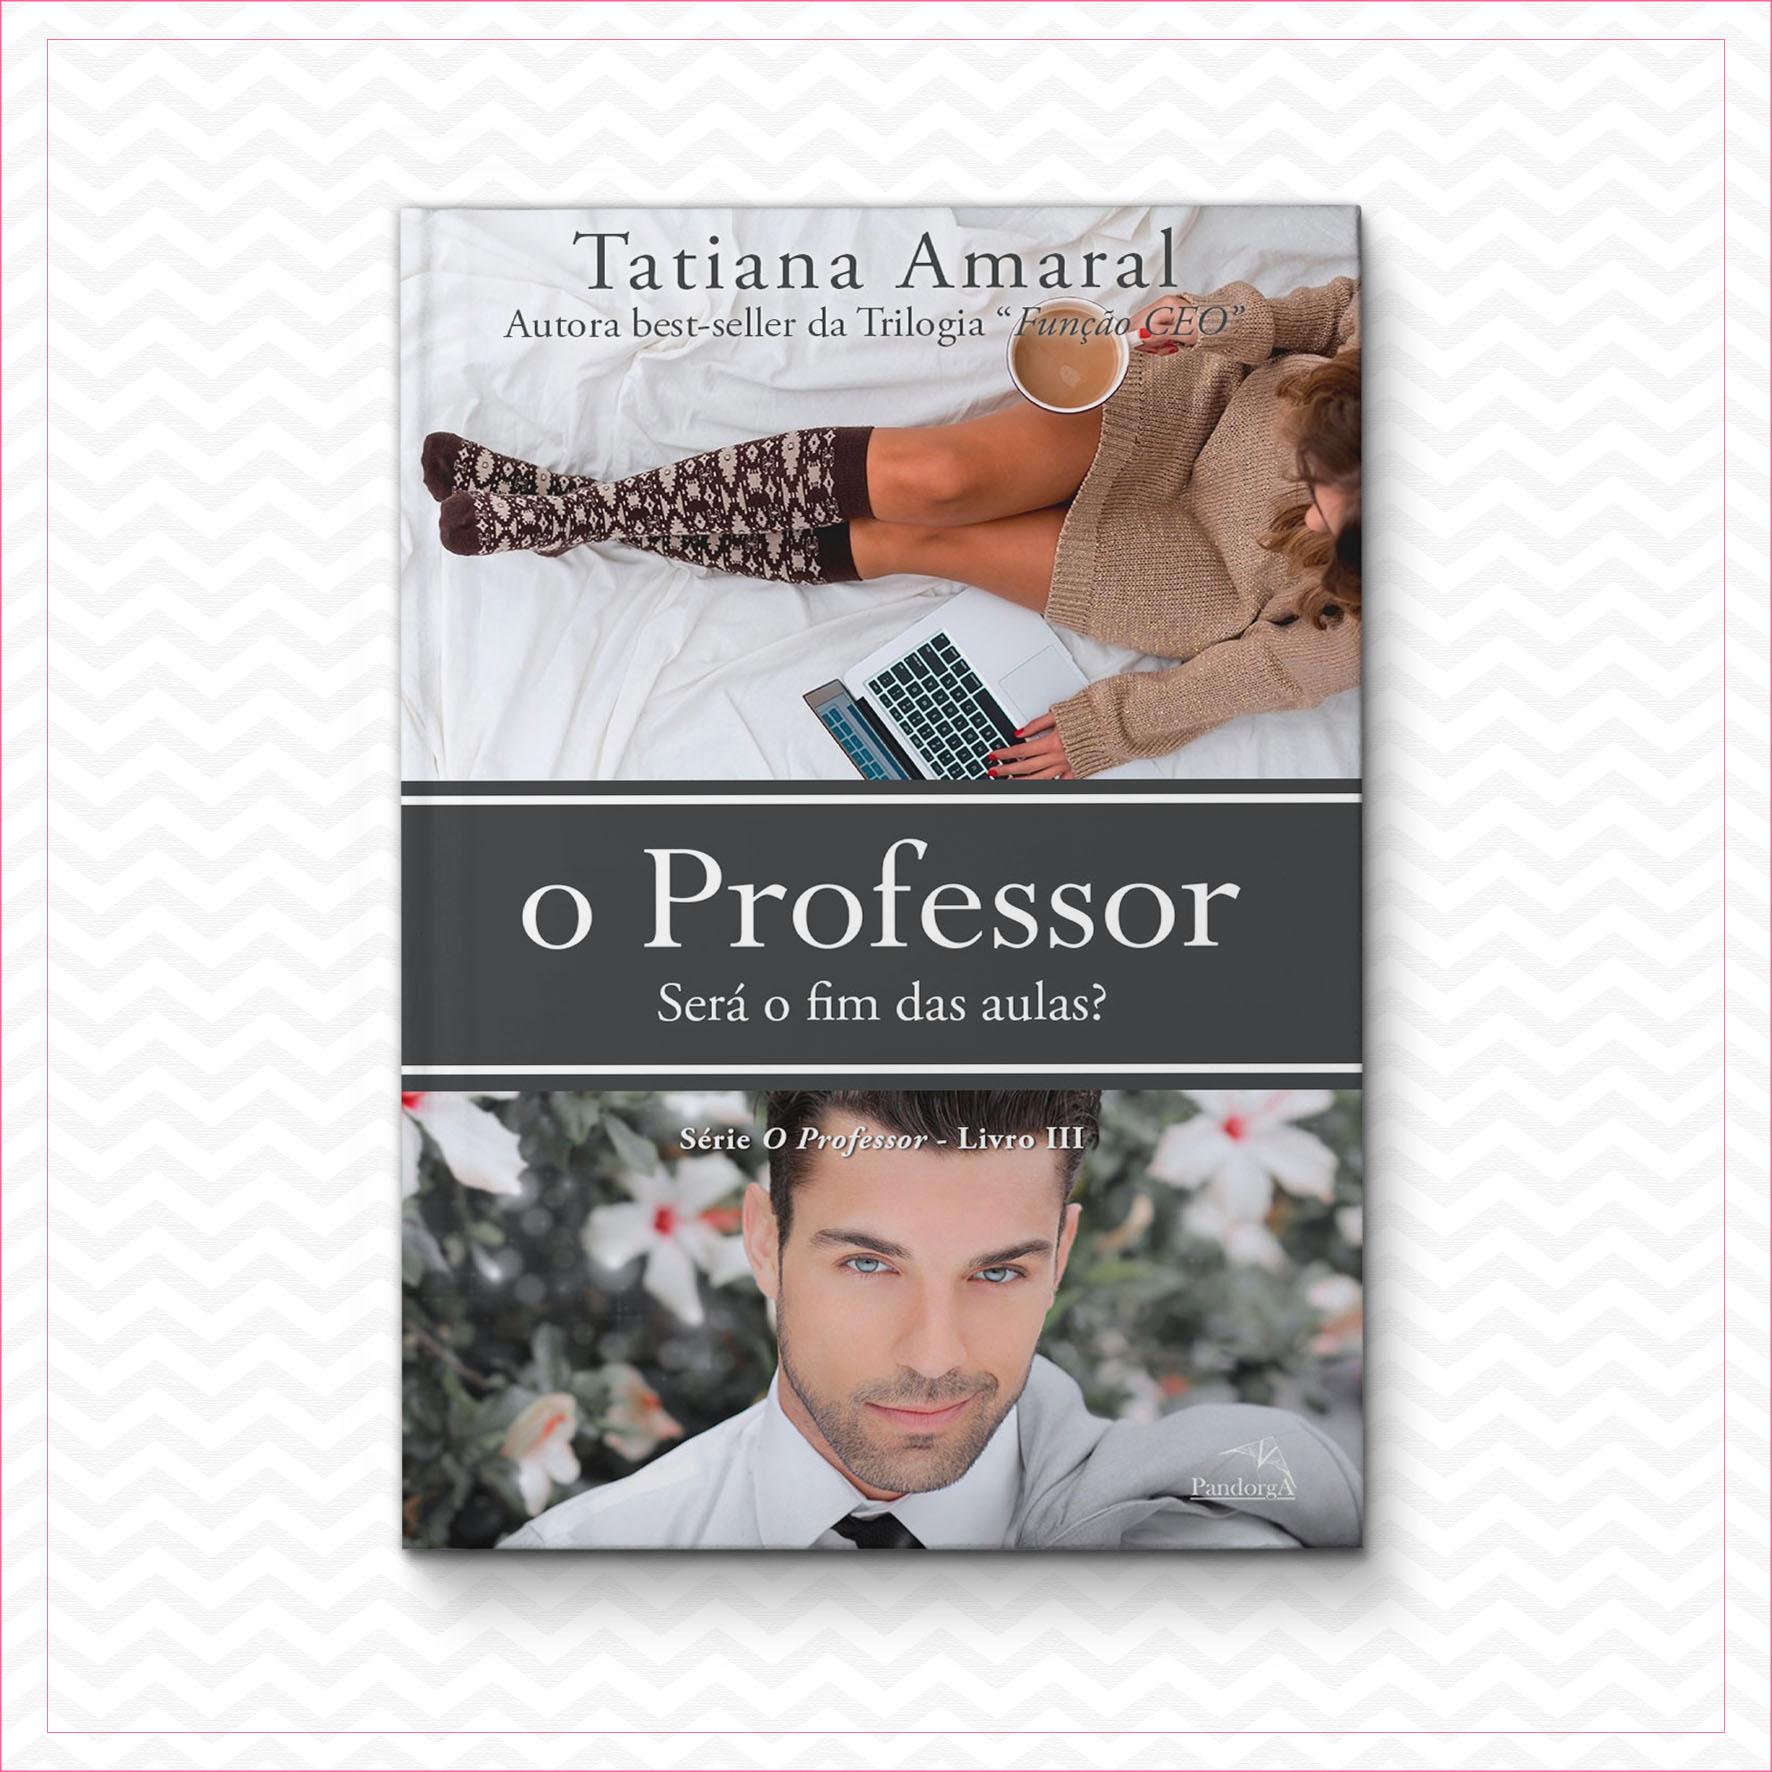 O Professor 3 – Será o fim das aulas – Tatiana Amaral